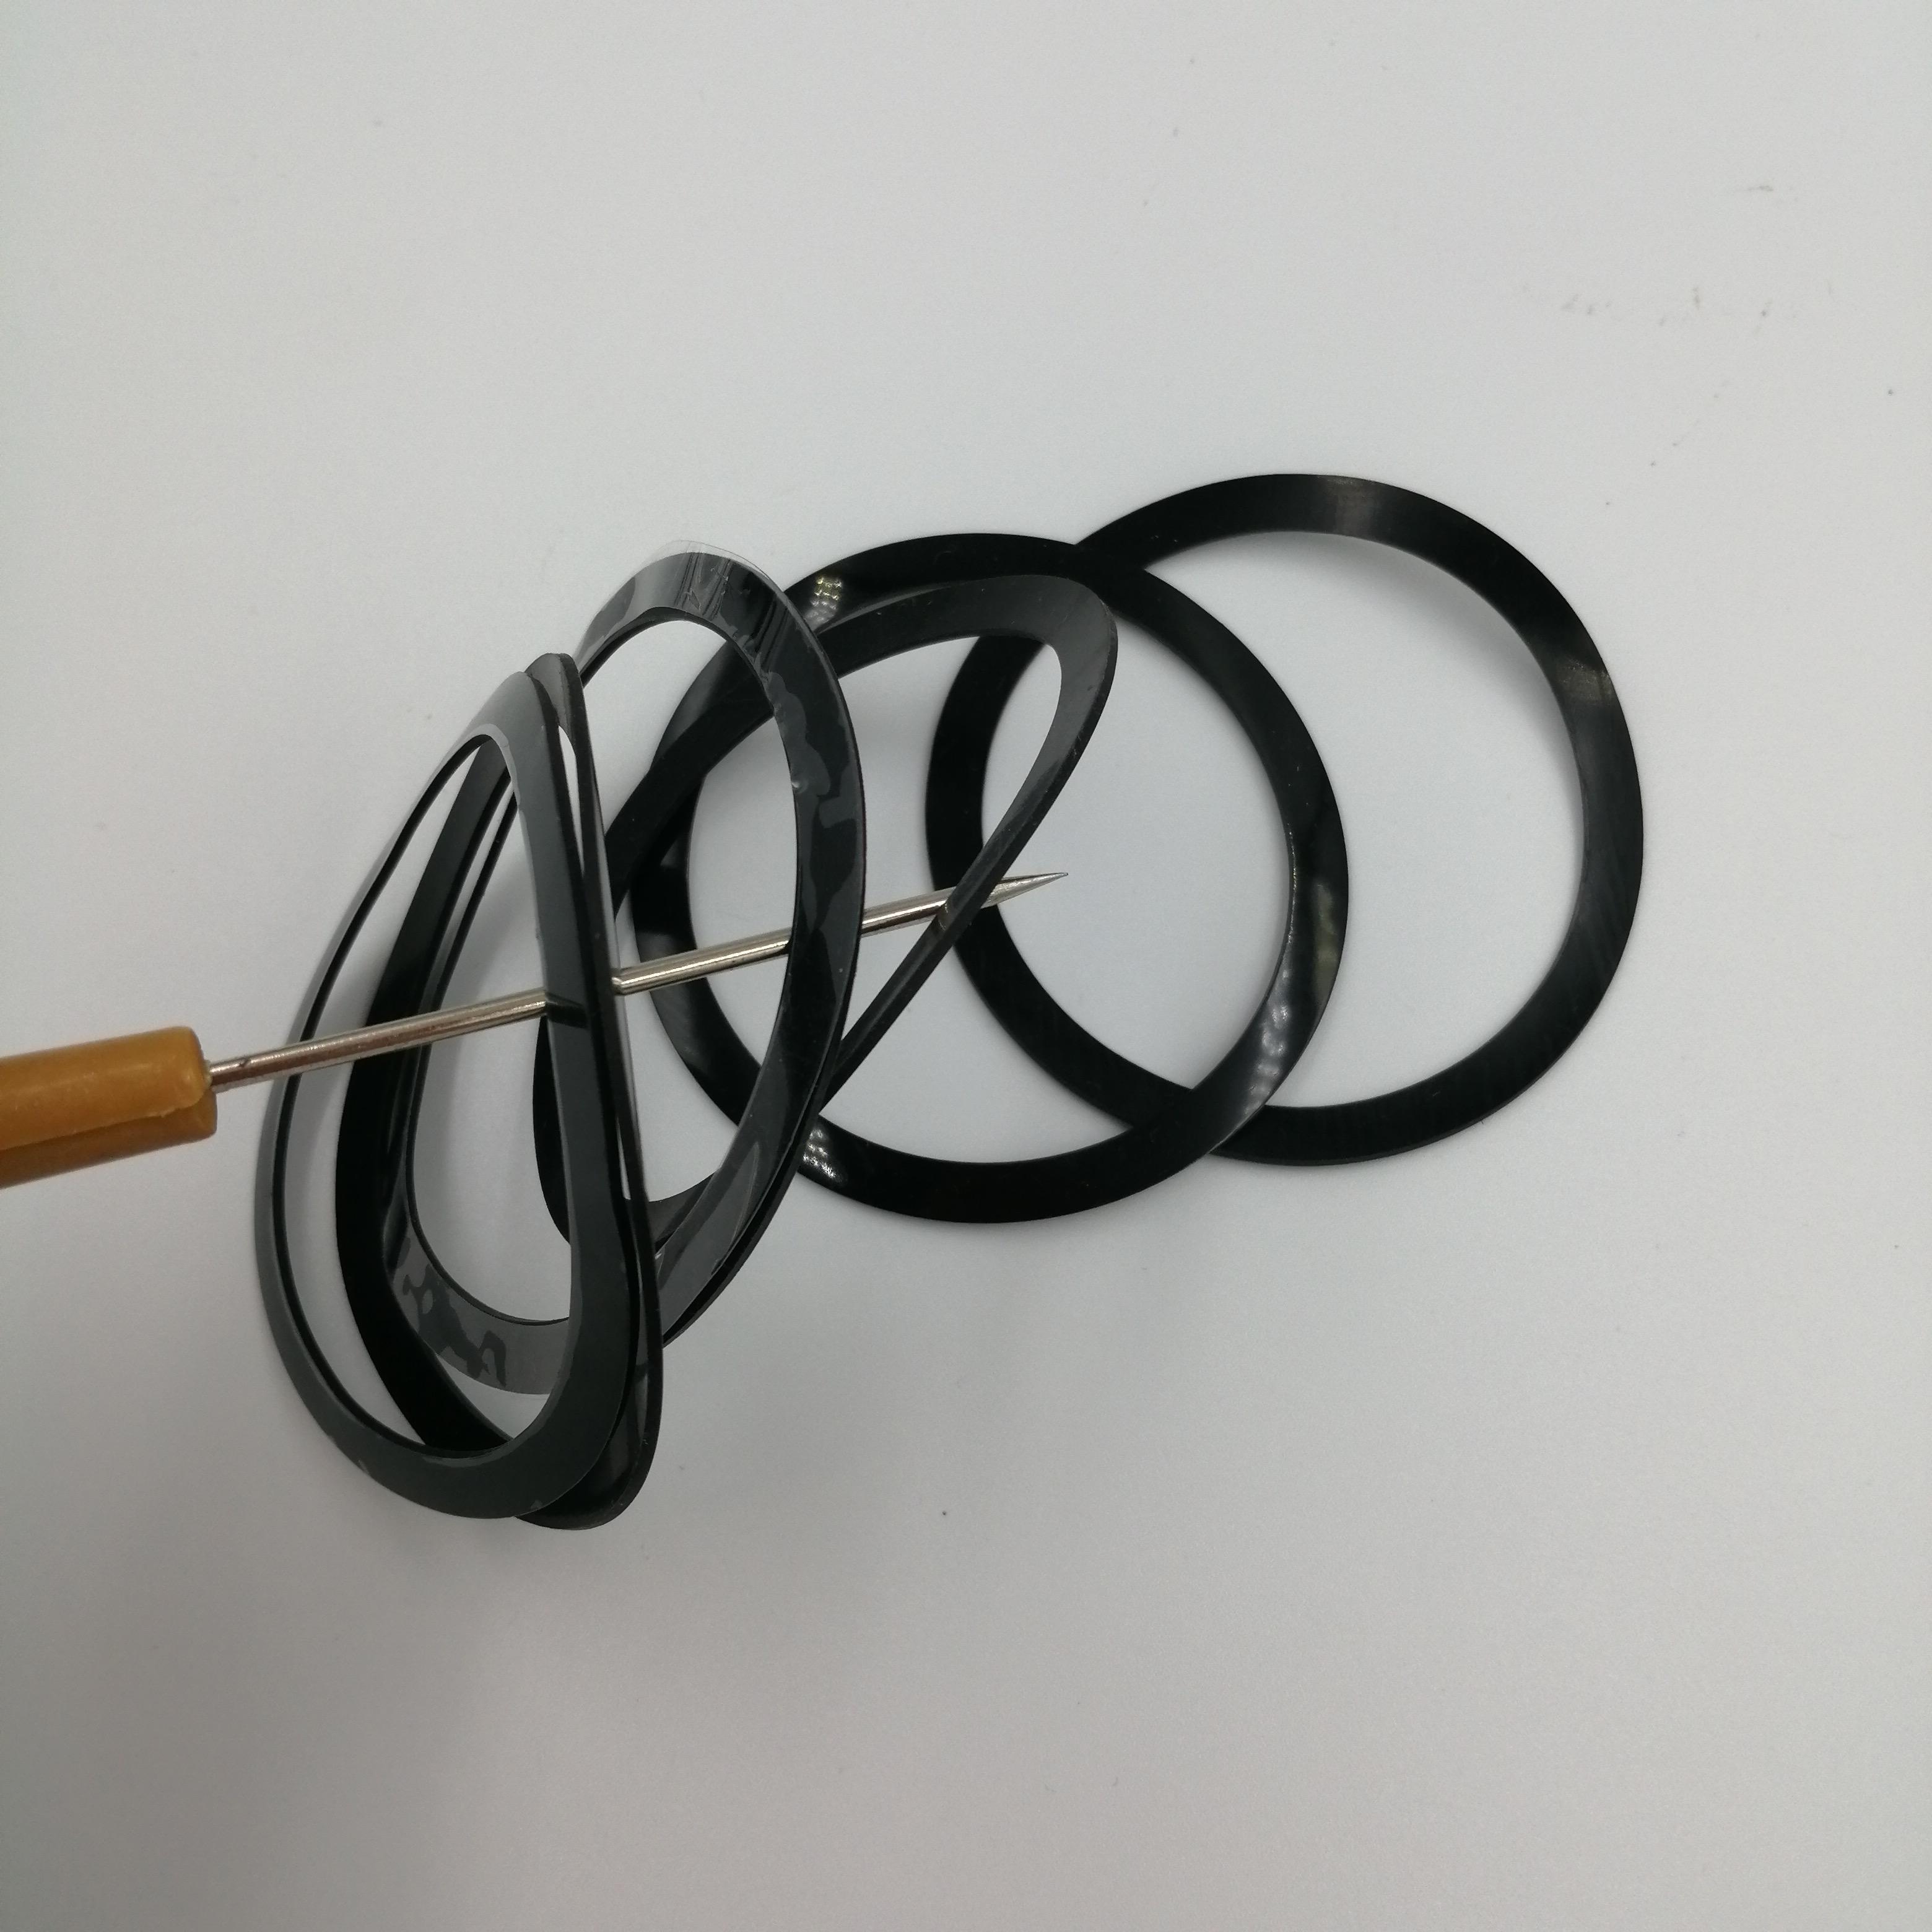 硅膠墊片 透明硅膠腳墊 圓形食品硅膠墊片 防水硅膠墊圈